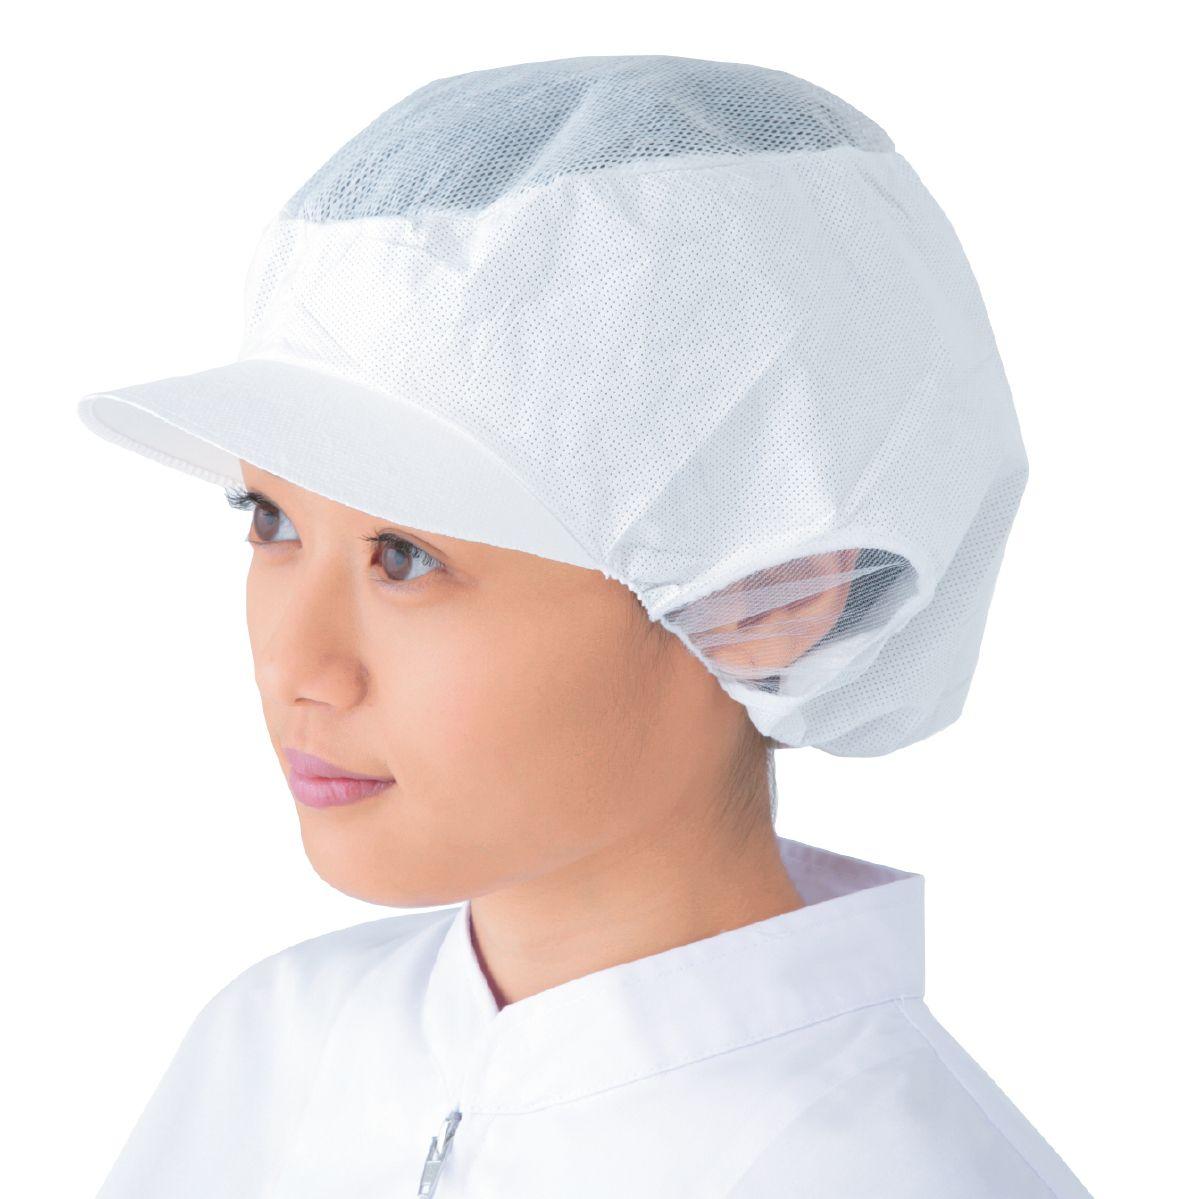 【1枚あたり約700円】エレクトネット帽 20枚入 メッシュつばつきタイプ、洗濯可